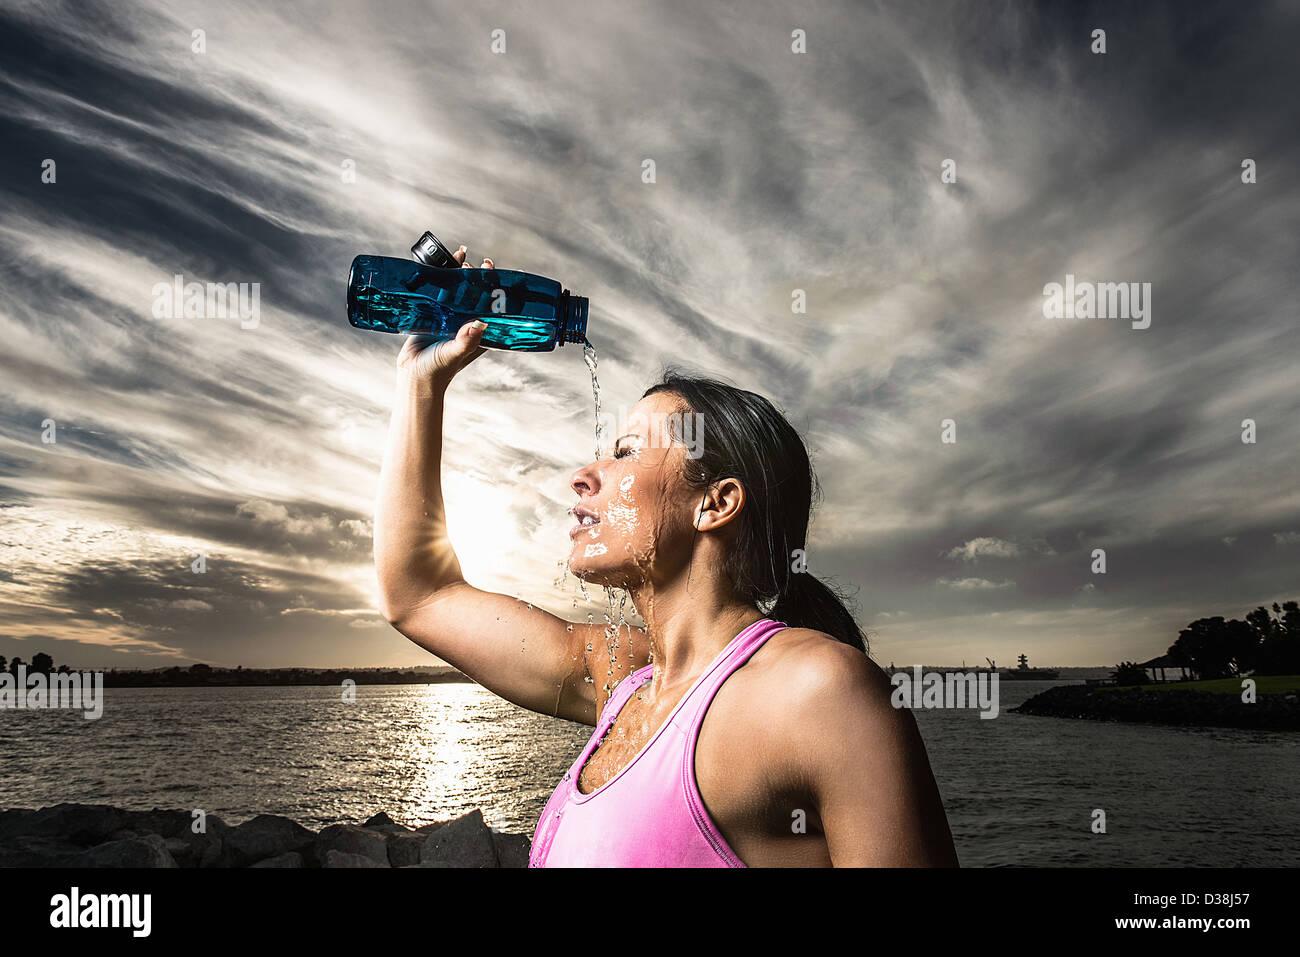 Läufer gießt Wasser auf sich selbst Stockfoto